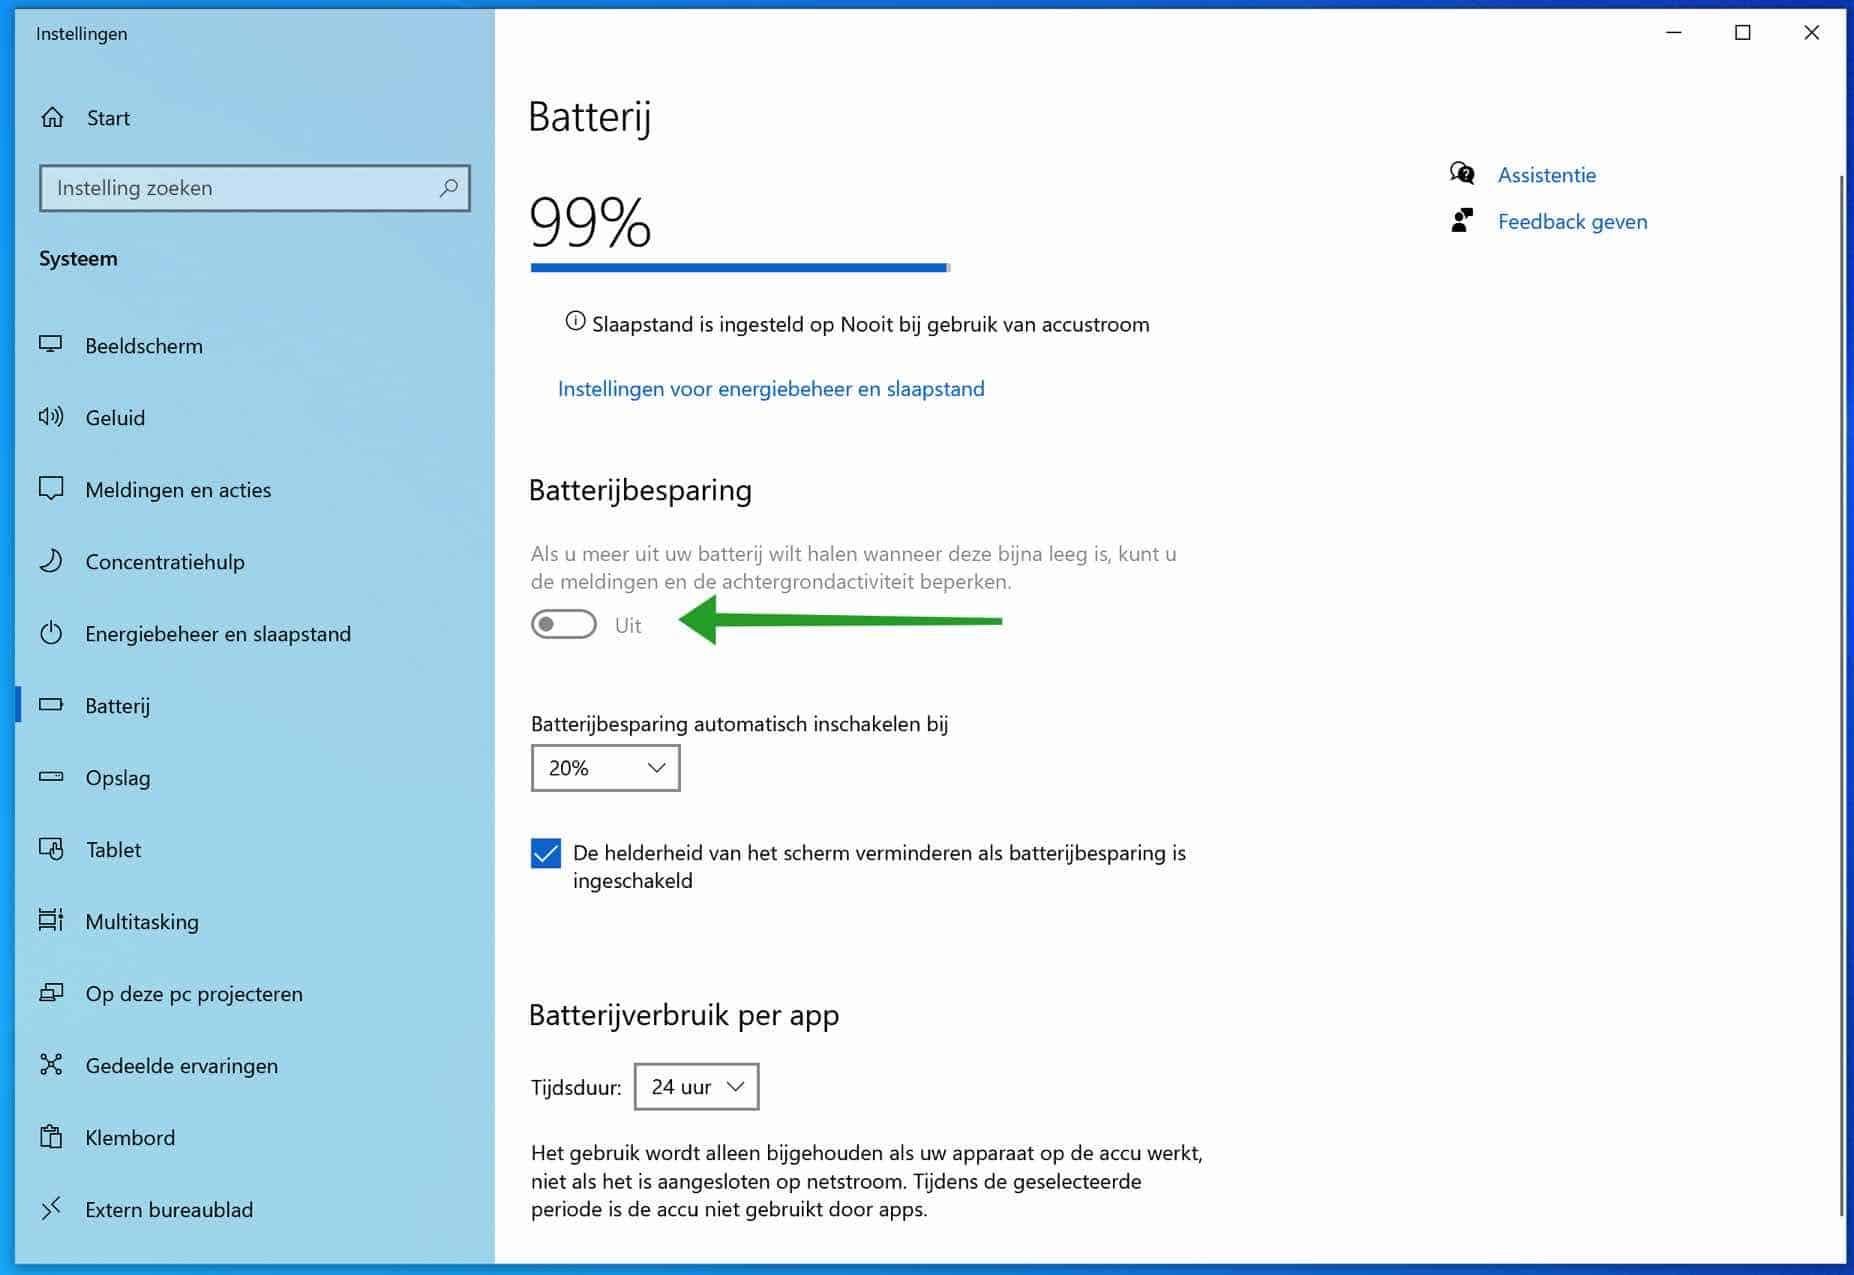 Batterijbesparing inschakelen in Windows 10? Dit is hoe!